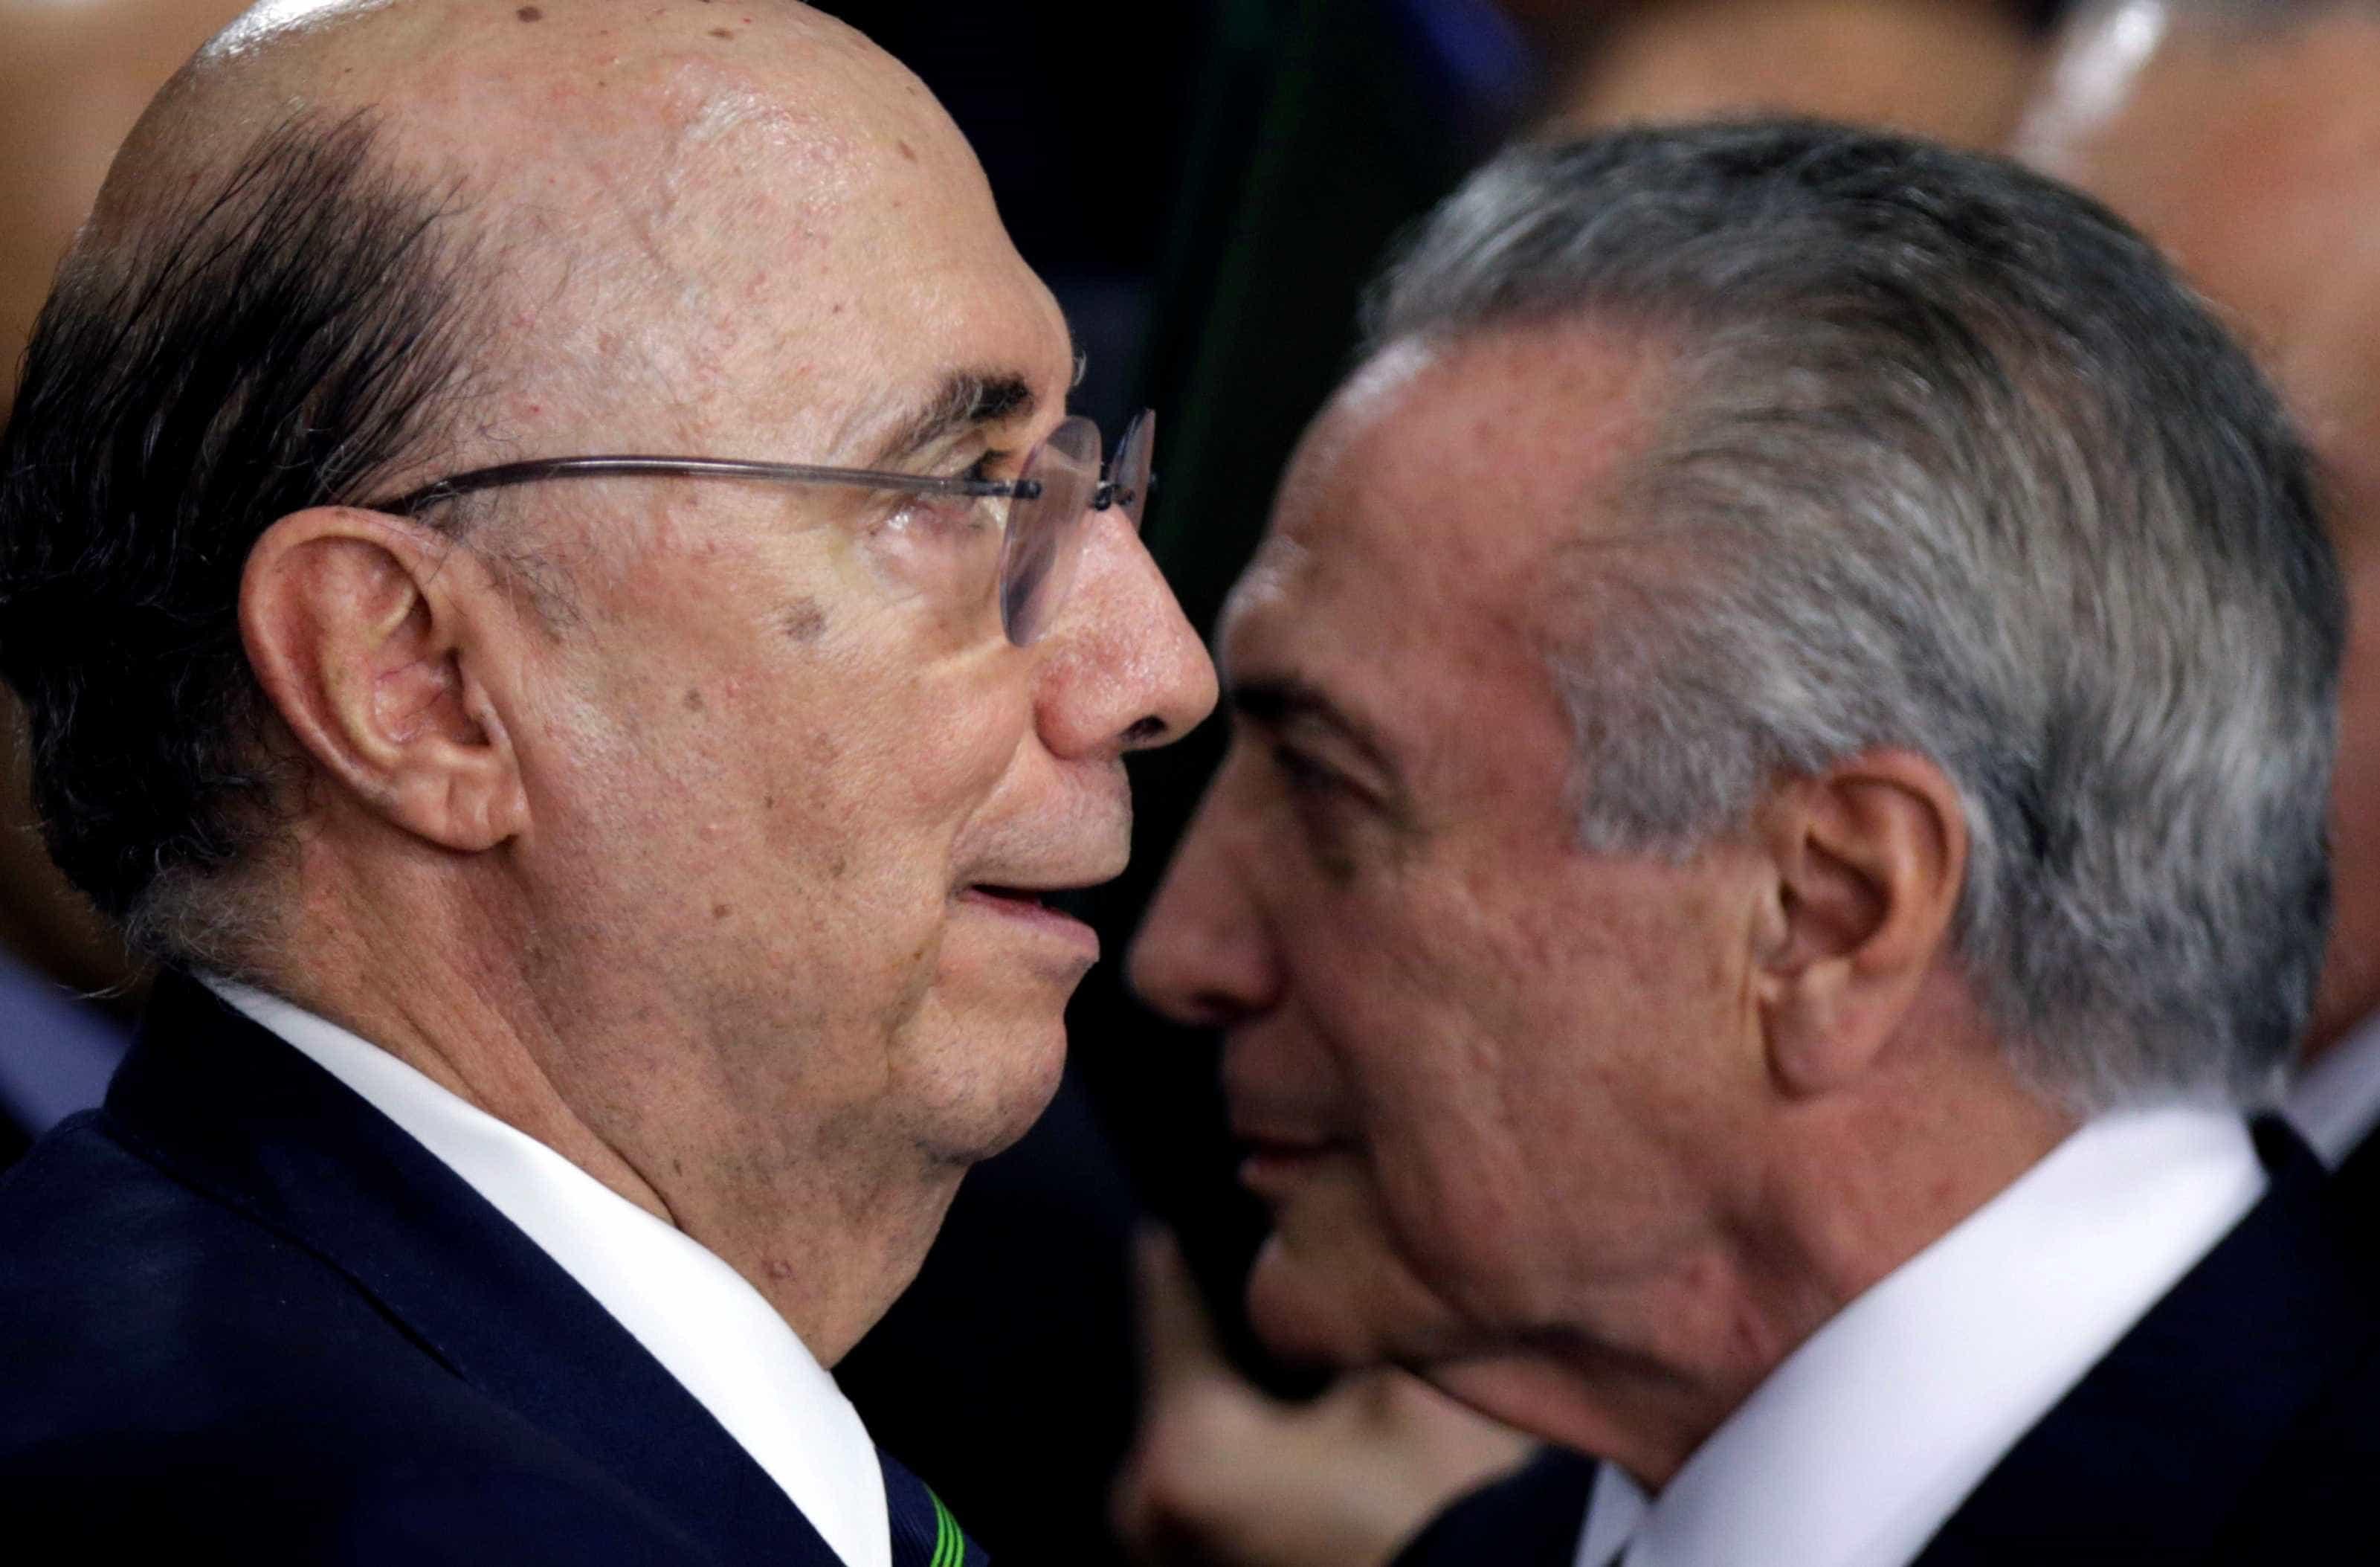 Meirelles diz que não é necessário descolar sua imagem do governo Temer